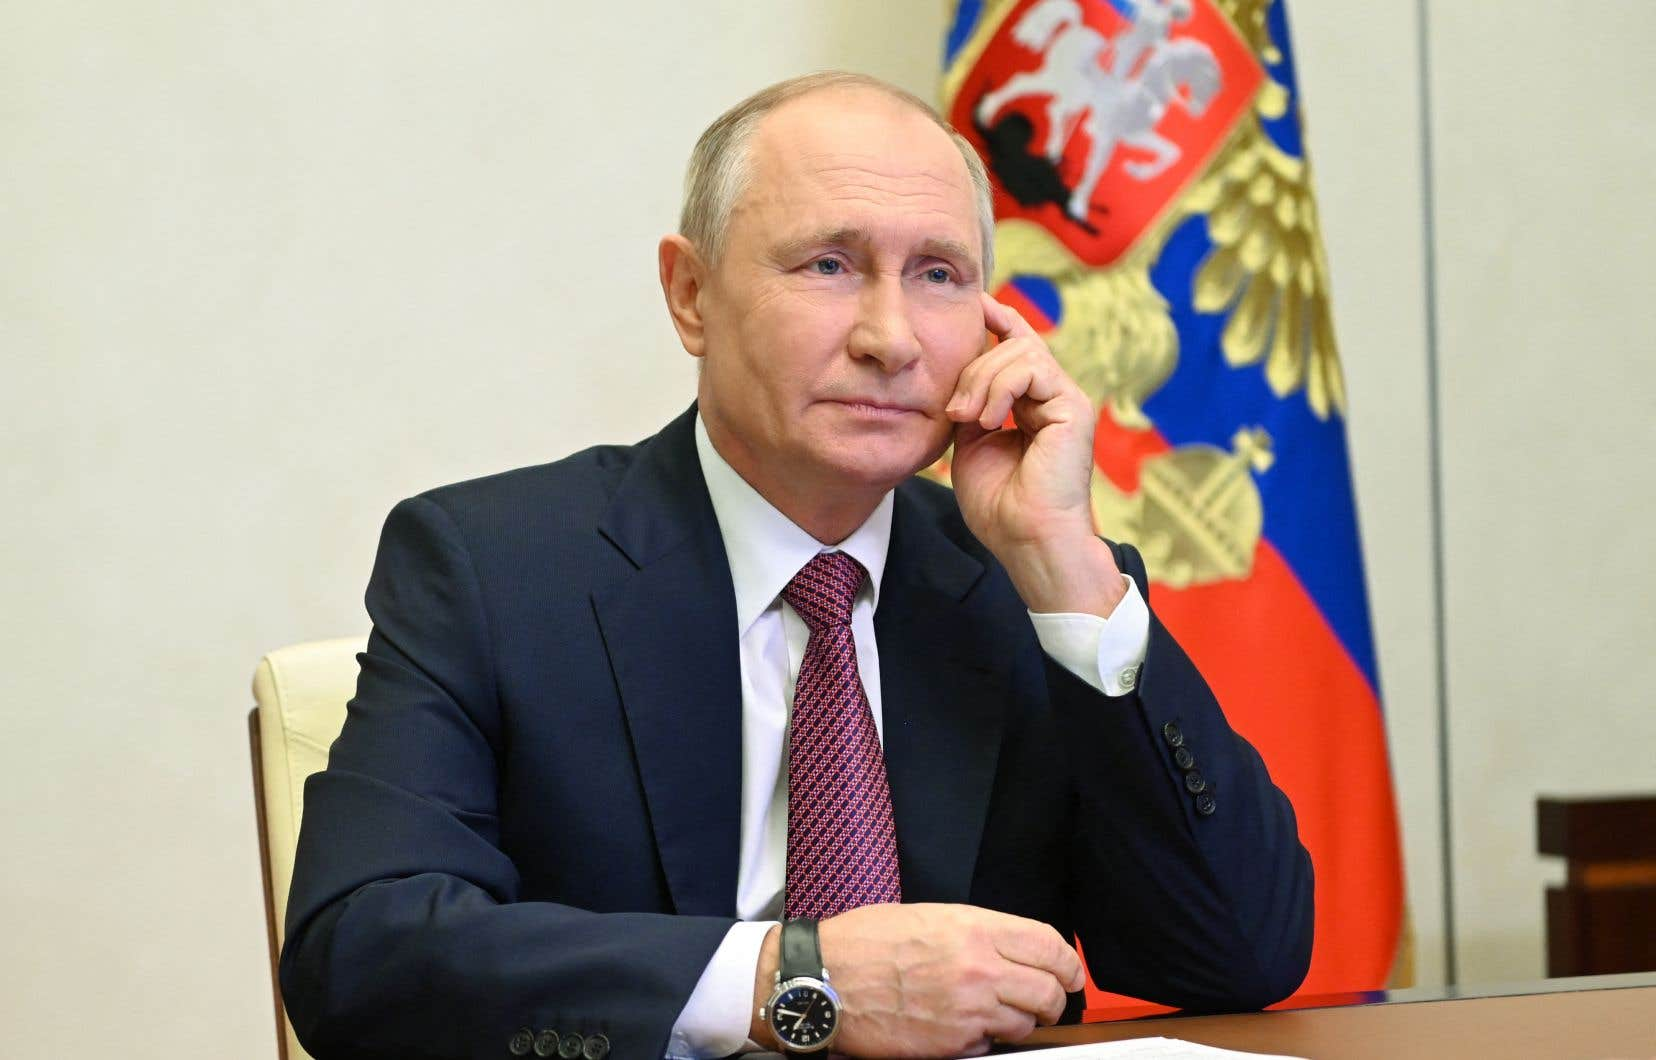 Alors qu'il agonisait, Alexandre Litvinenko, empoisonné au polonium 210 au Royaume-Uni en 2006, avait pointé du doigt la responsabilité de Vladimir Poutine.